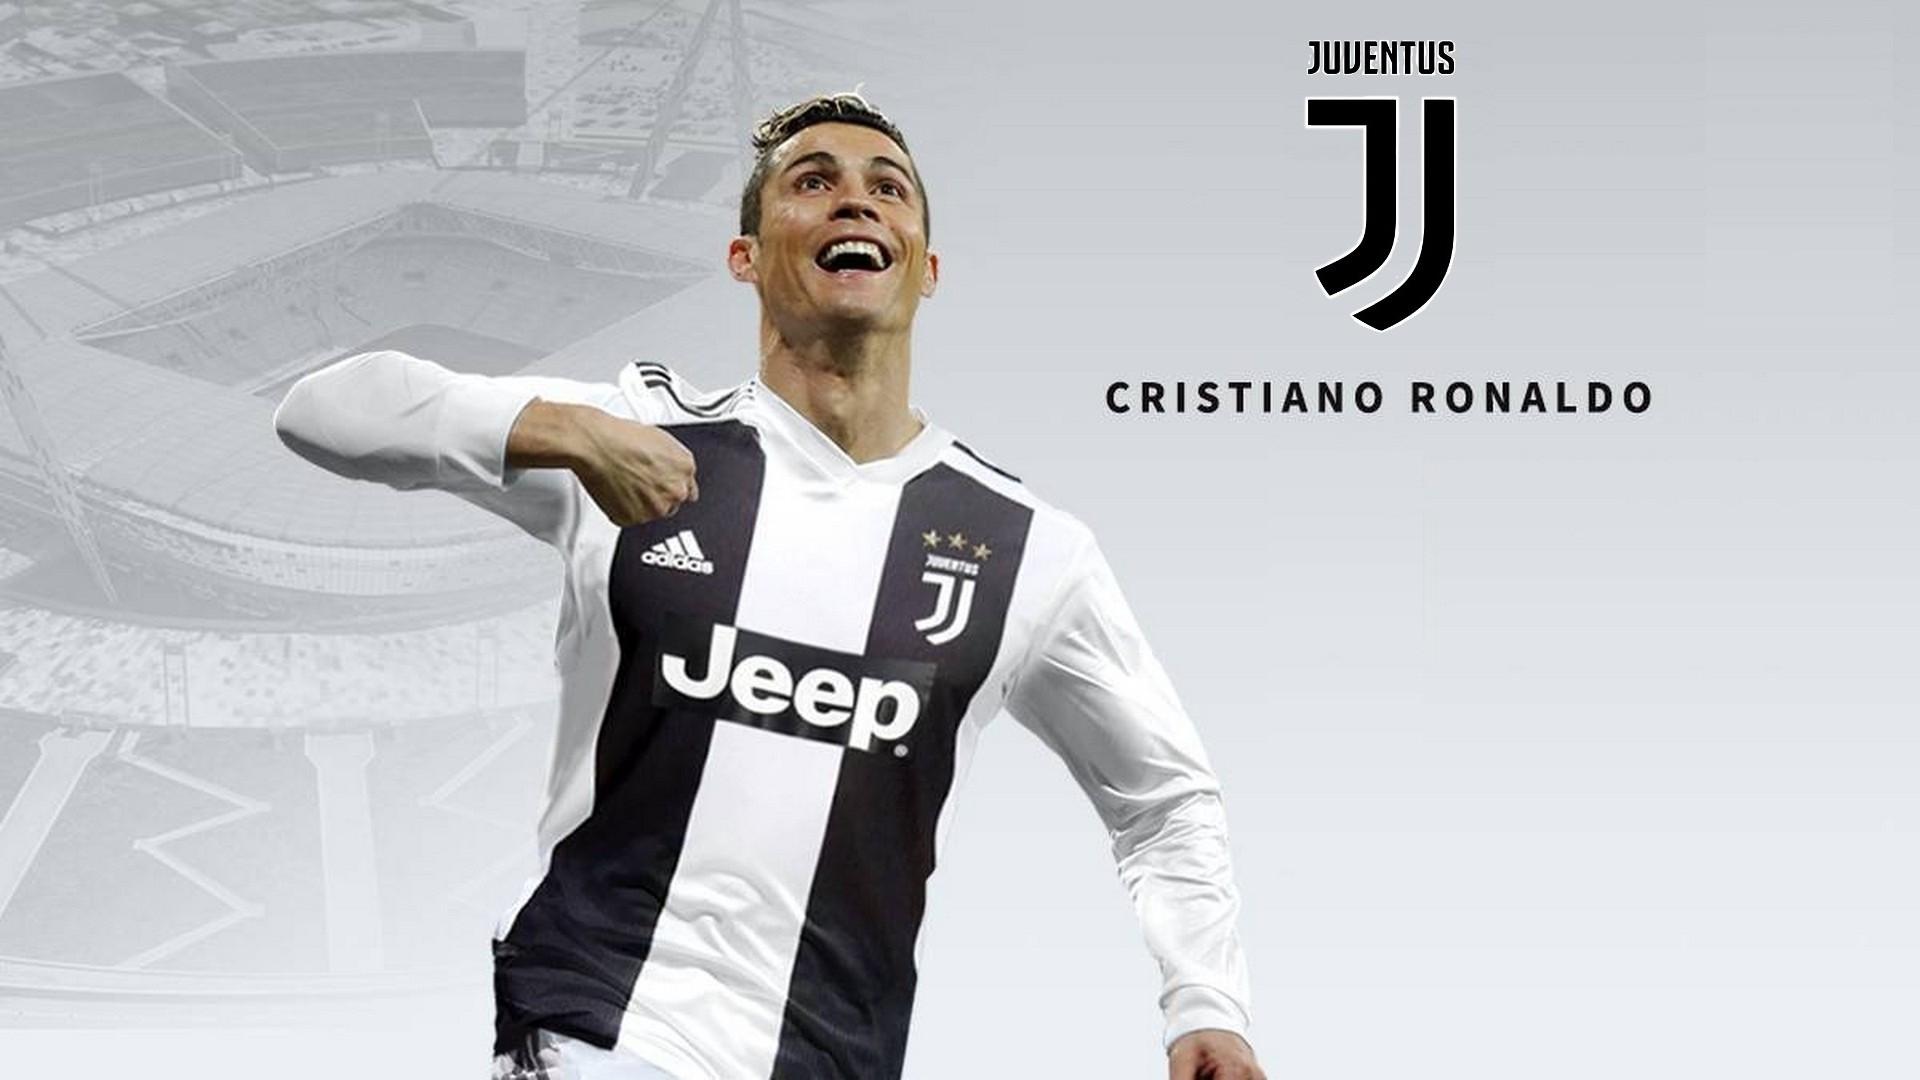 Cr7 Juventus Desktop Wallpaper The Best Hd Wallpaper